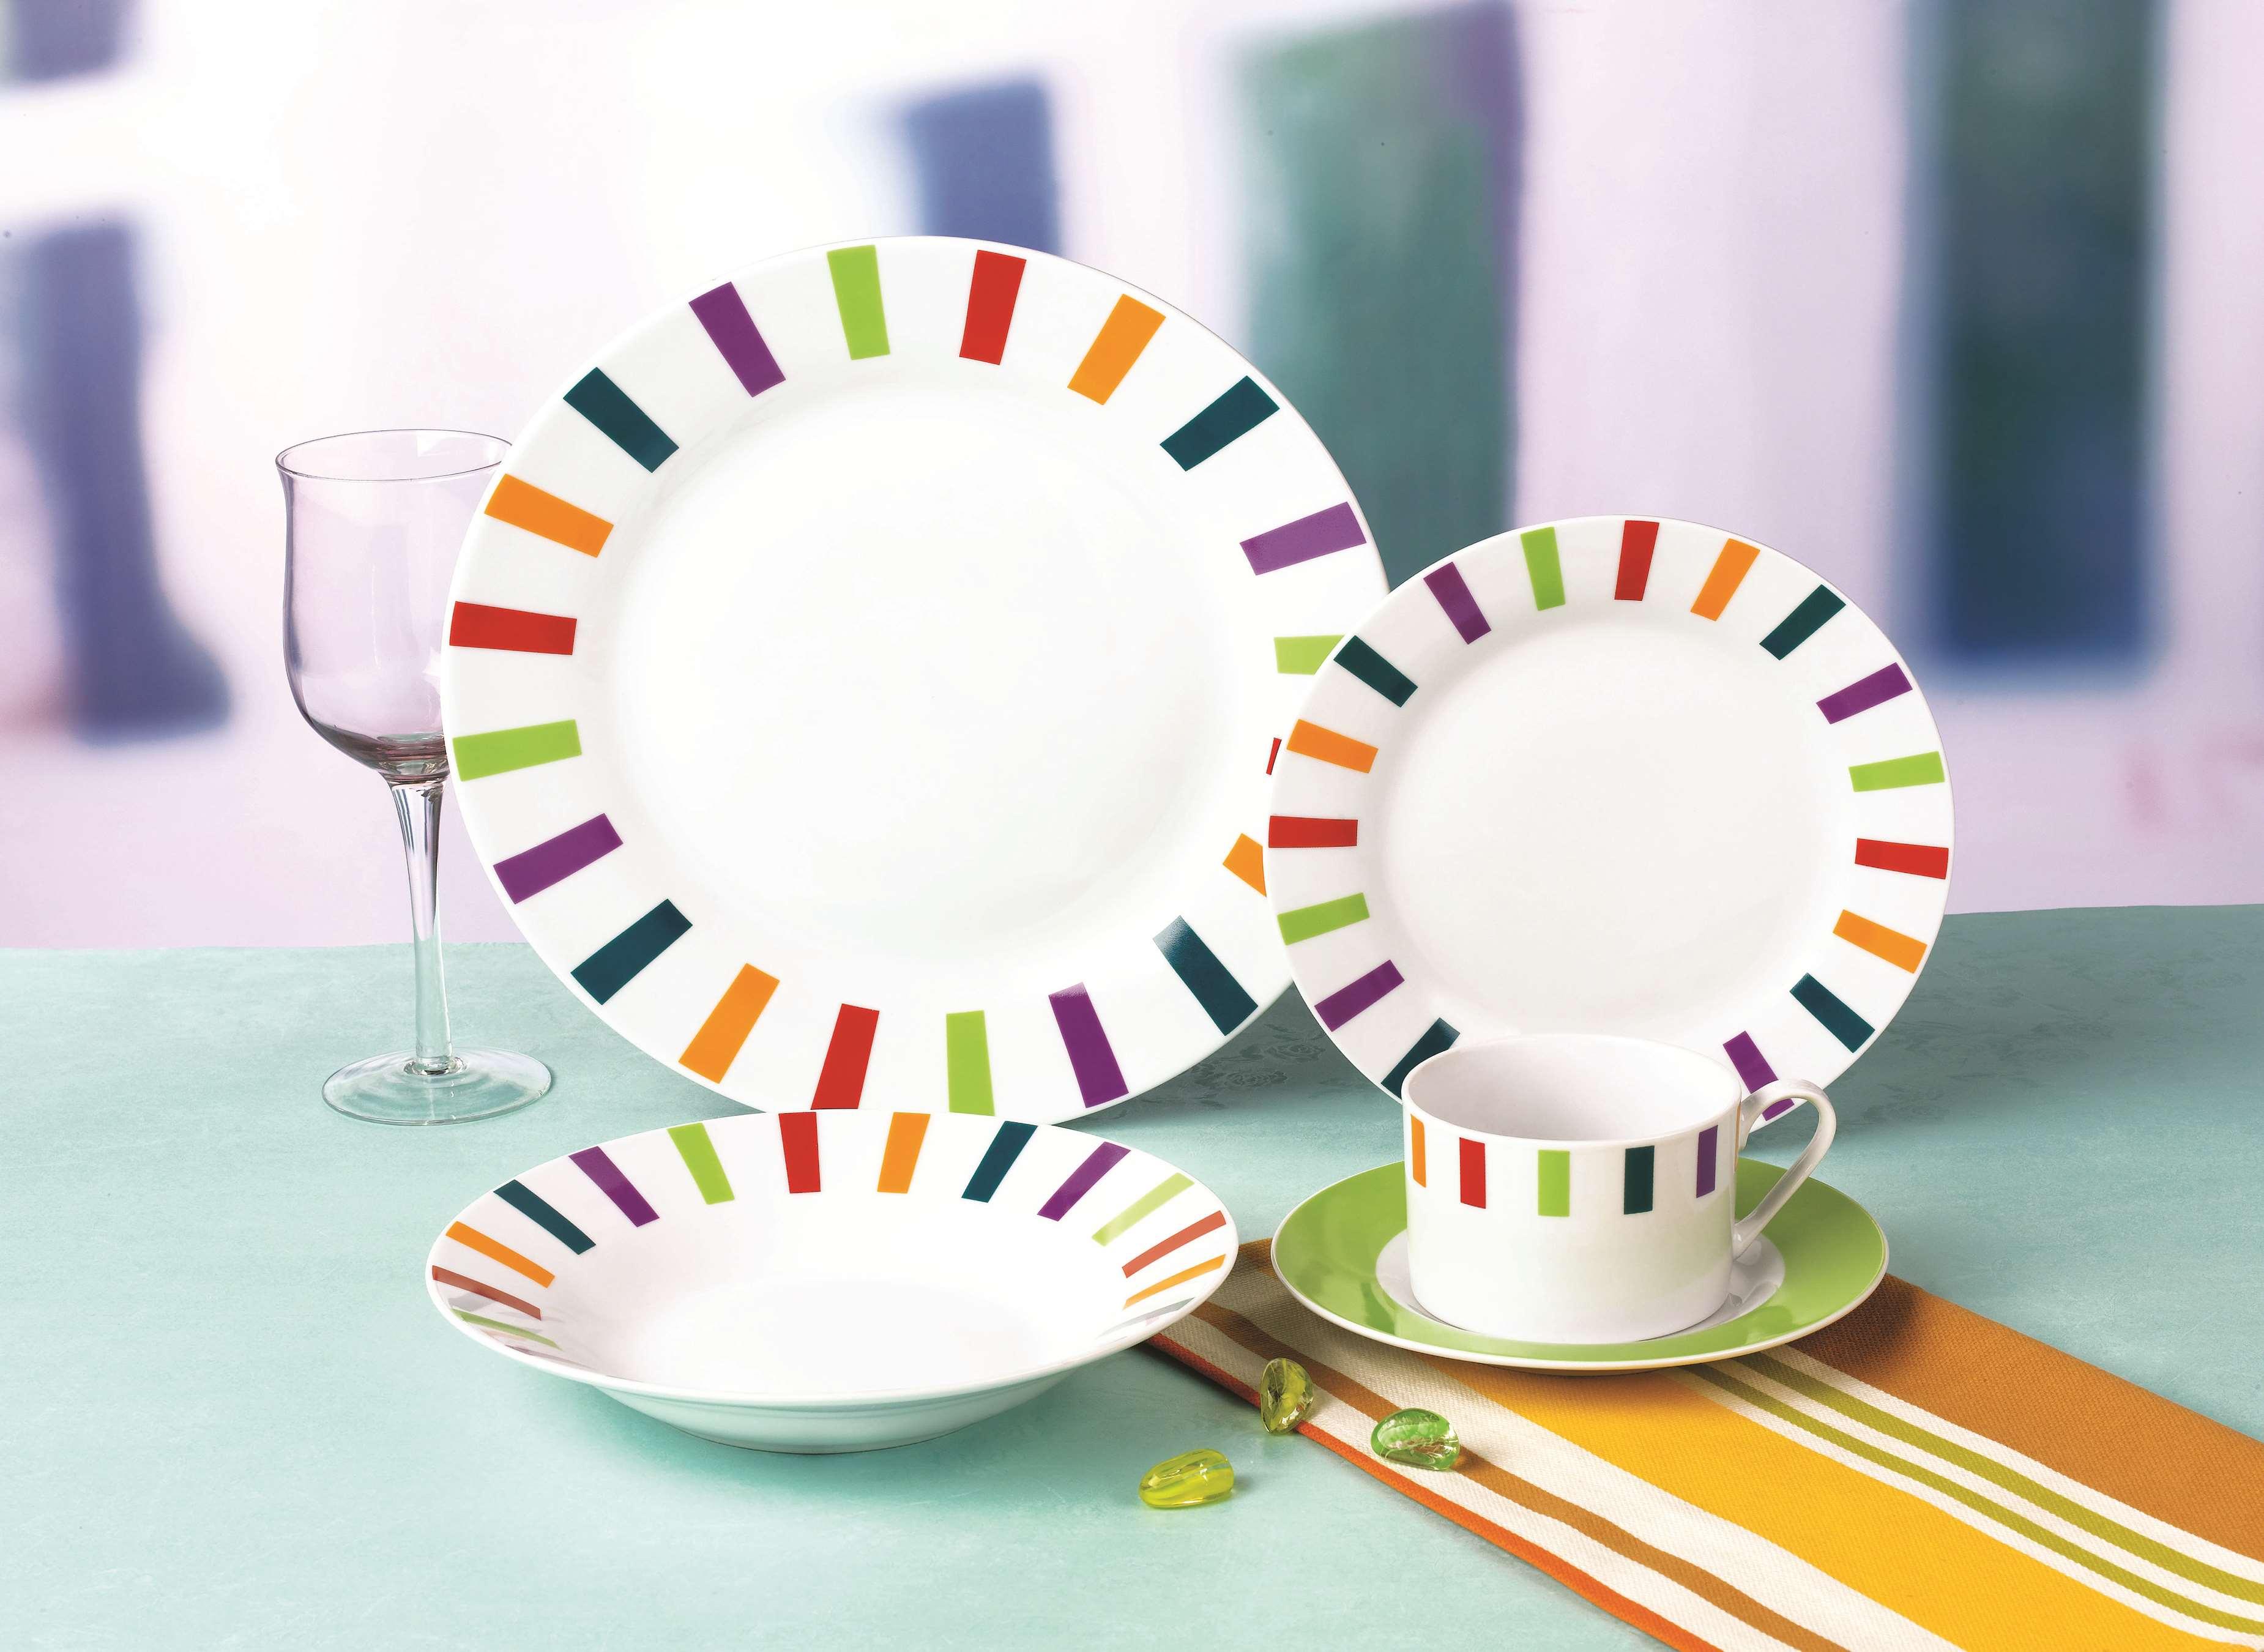 彩色方块陶瓷餐具